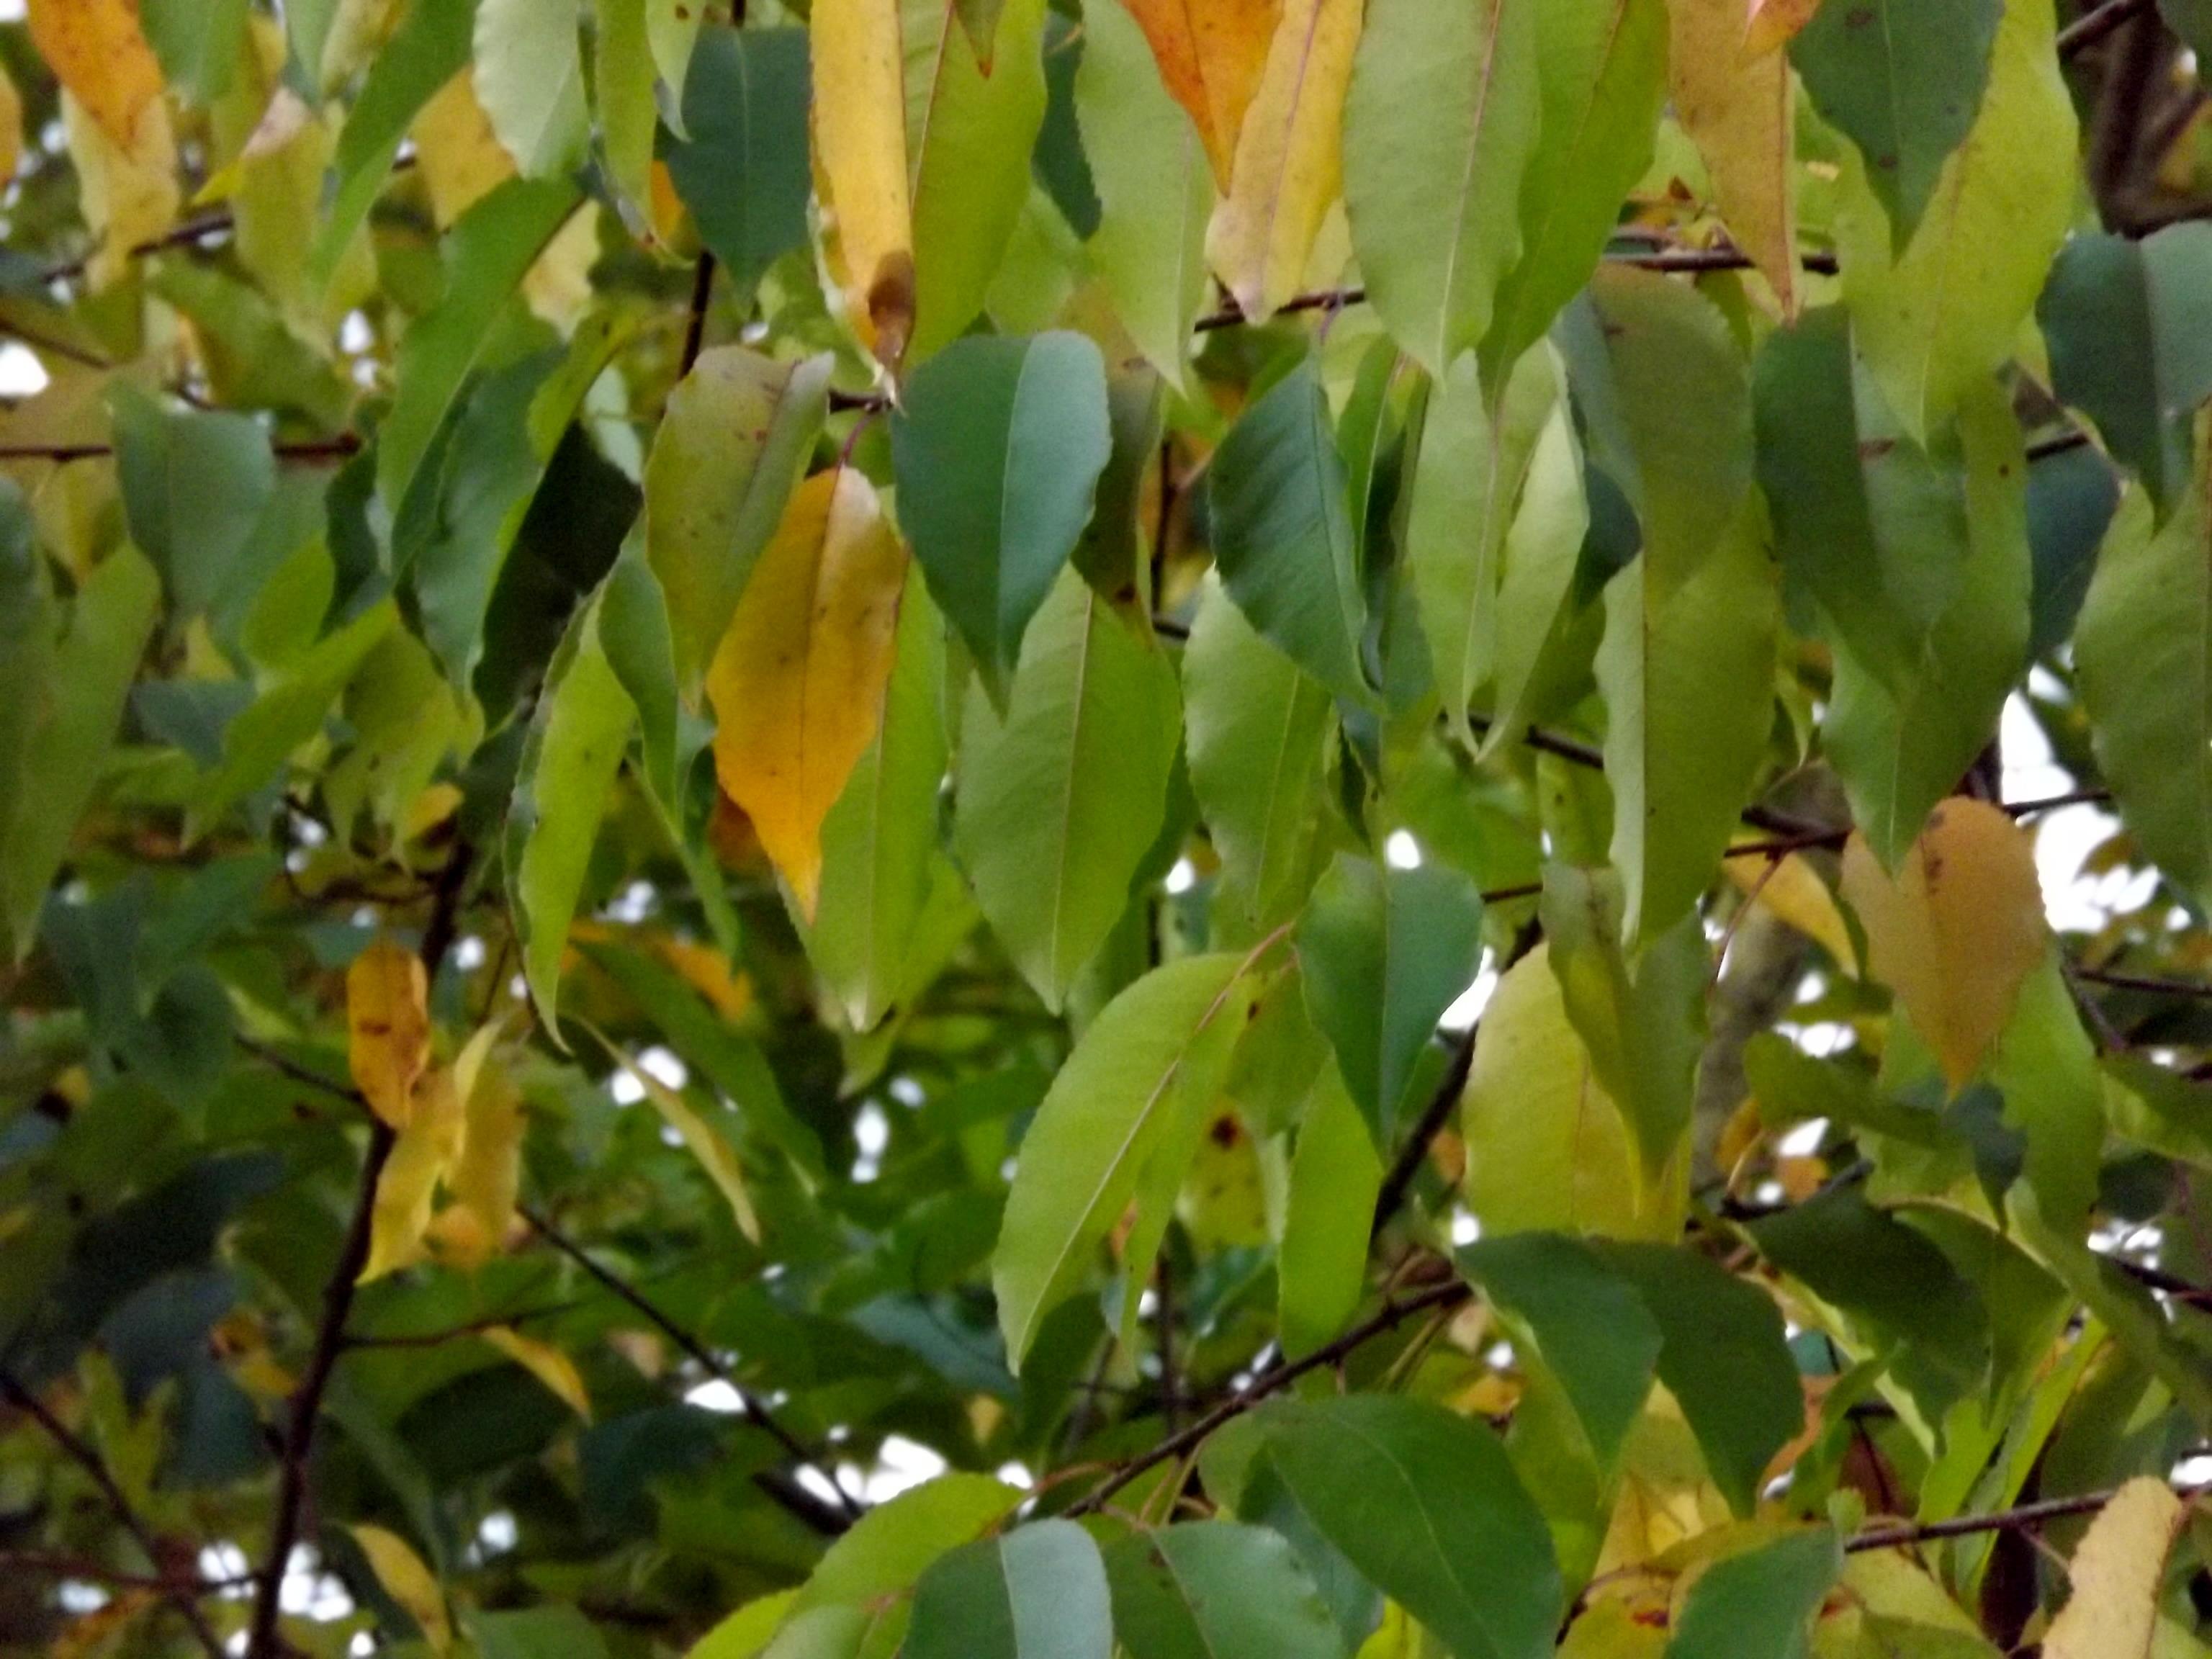 6546-traubenkirsche-gelb-gruen